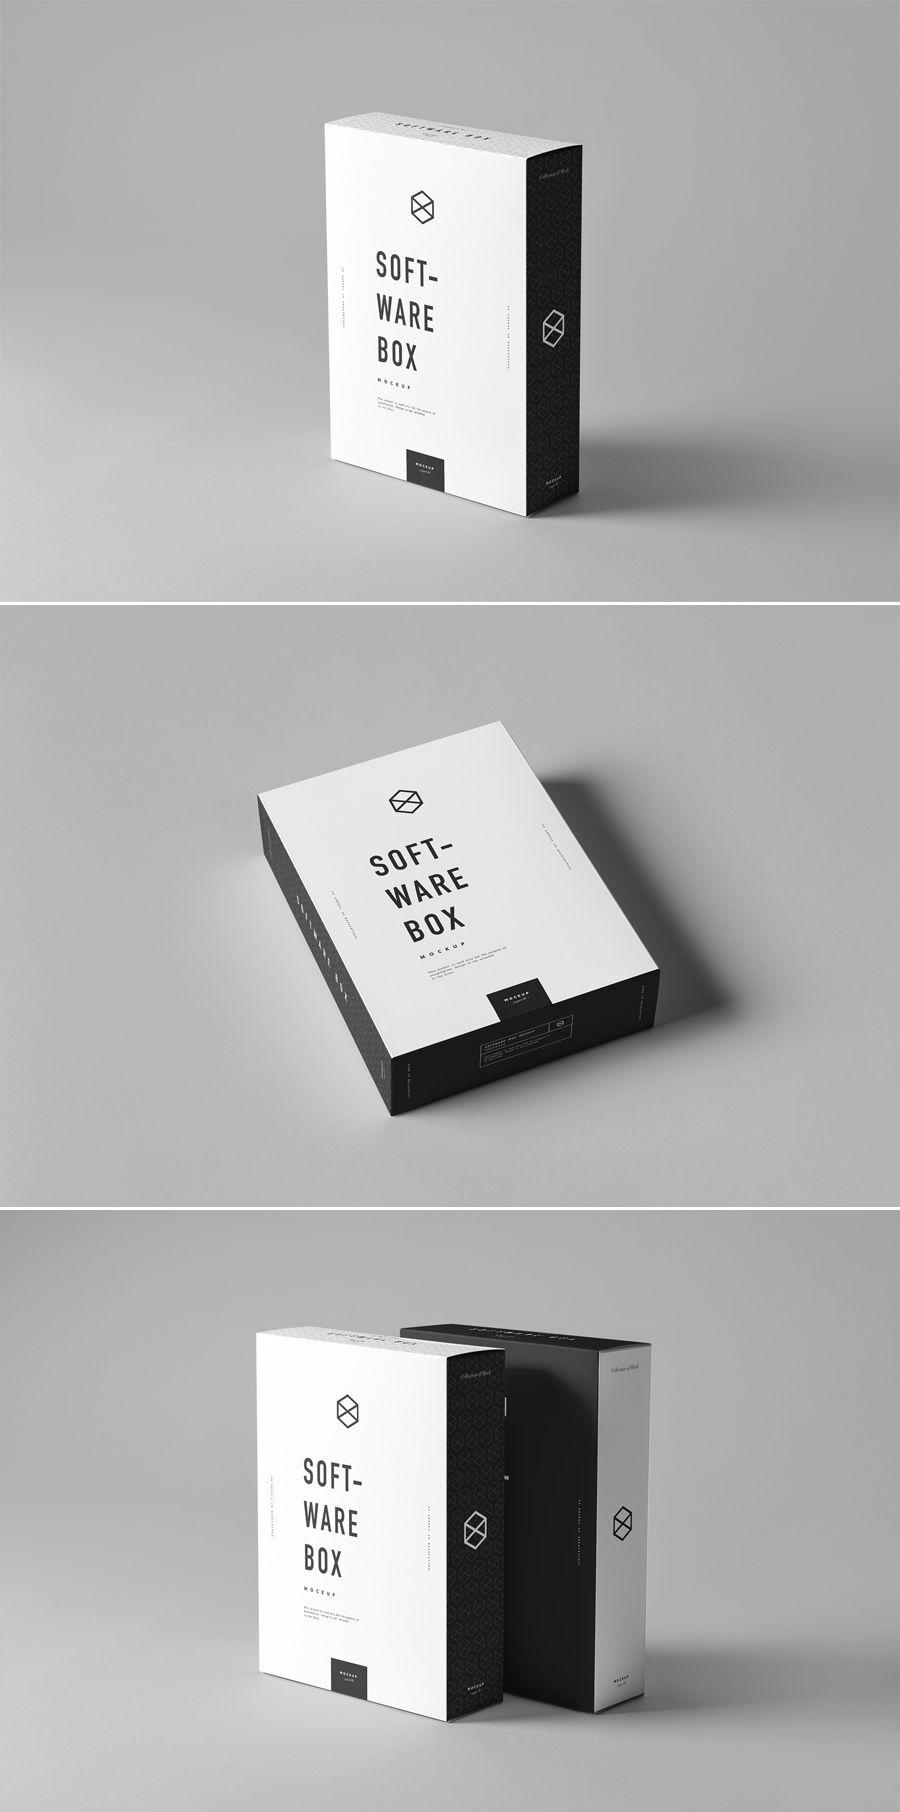 Download 6 Software Box Mockup Psd Box Mockup Packaging Mockup Box Packaging Design